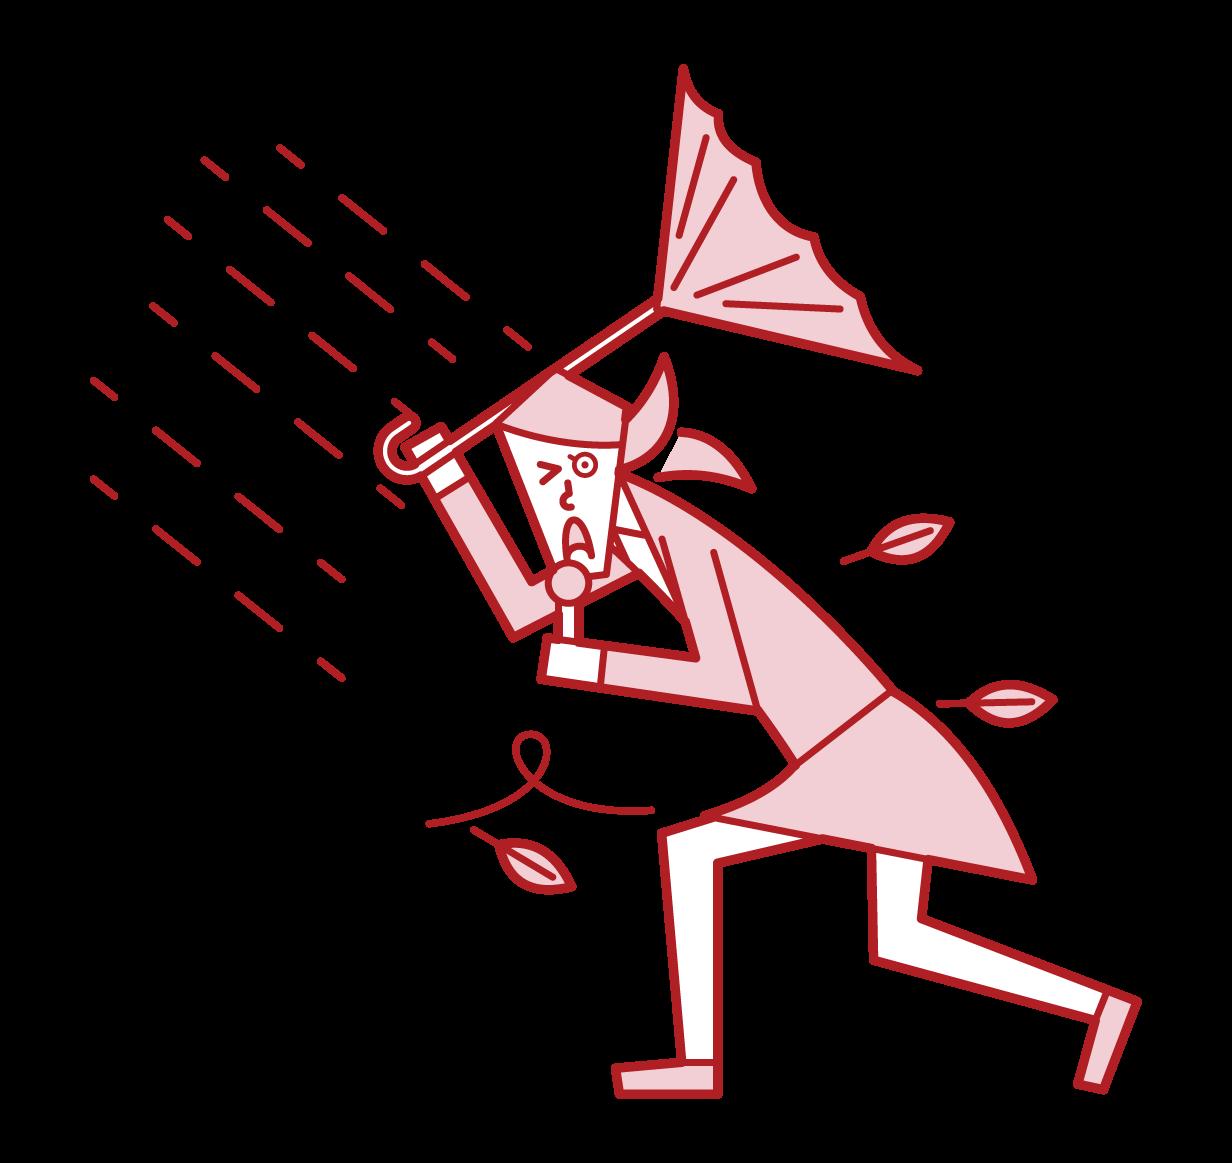 台風の中、報道をするリポーター(女性)のイラスト